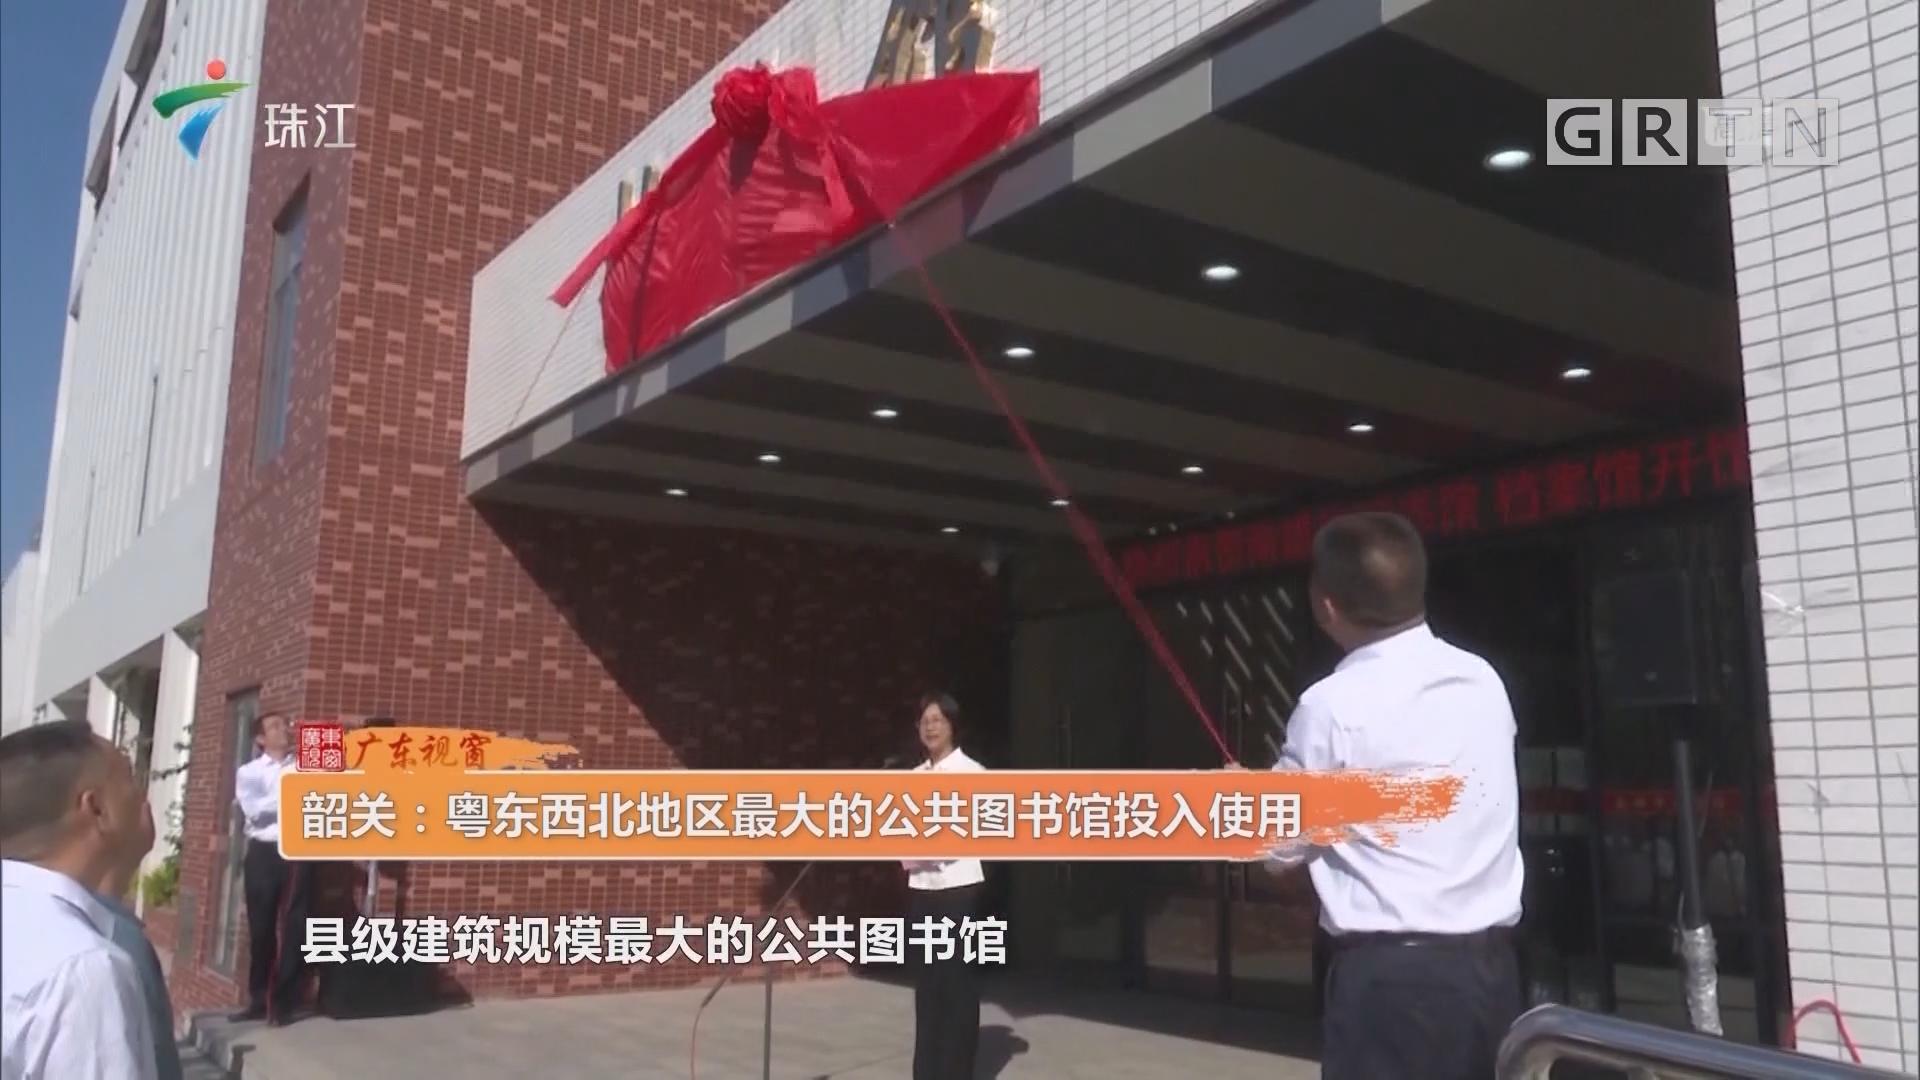 韶关:粤东西北地区最大的公共图书馆投入使用